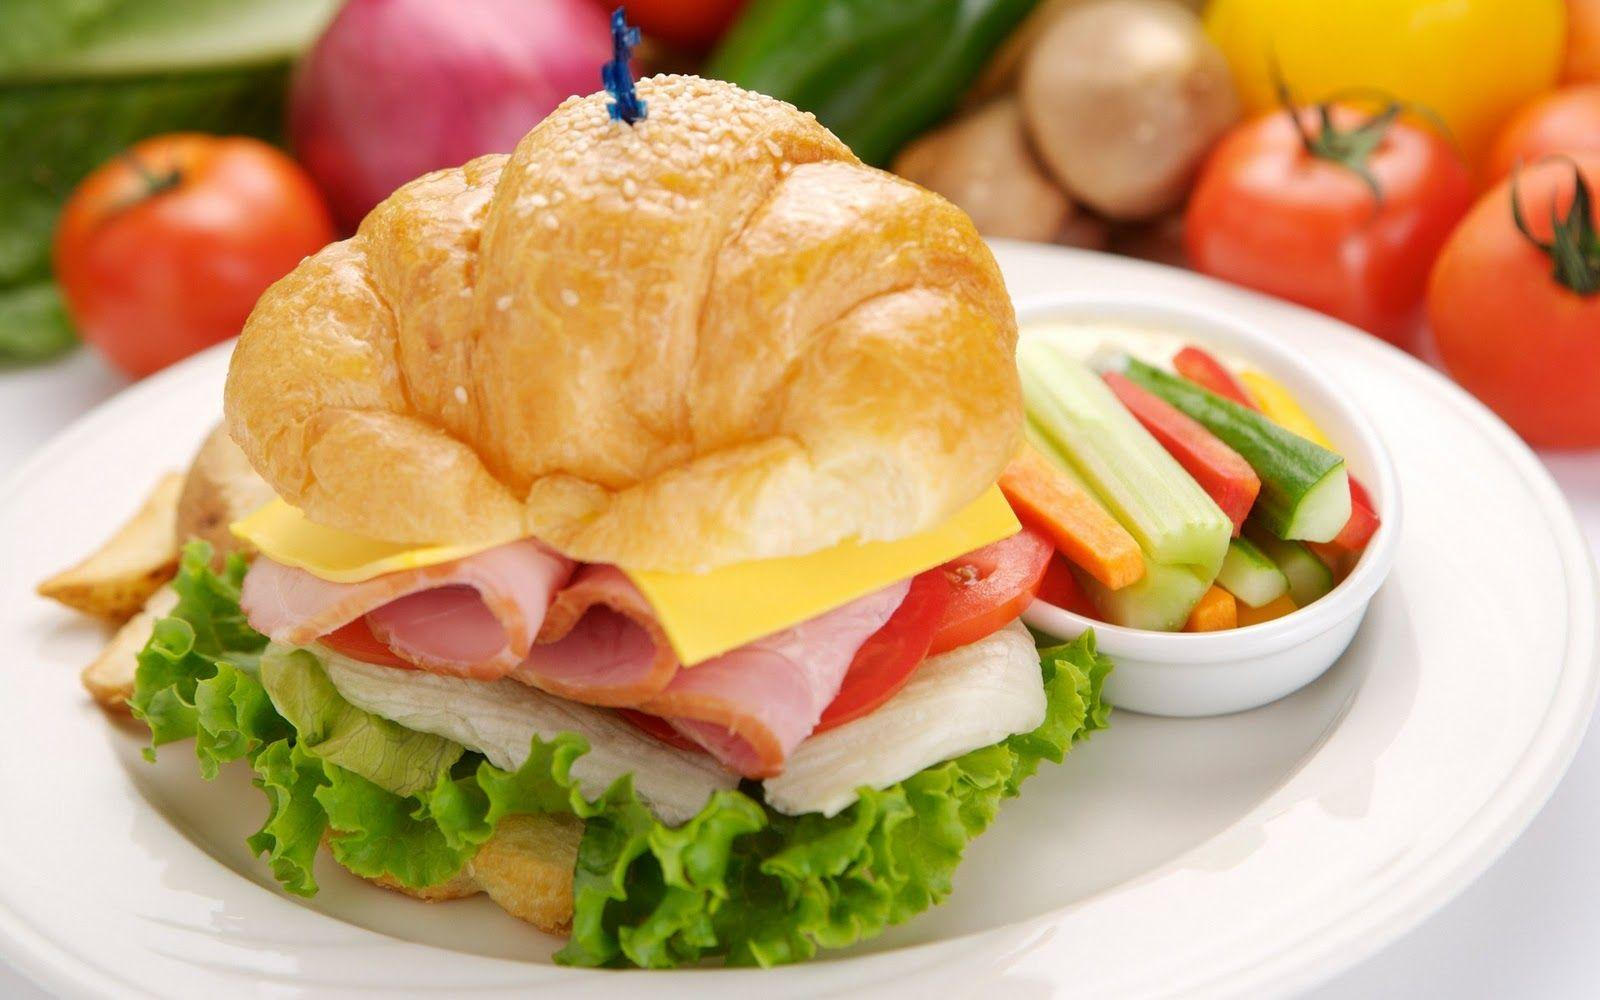 Das Sandwich-Diät-Wochenmenü